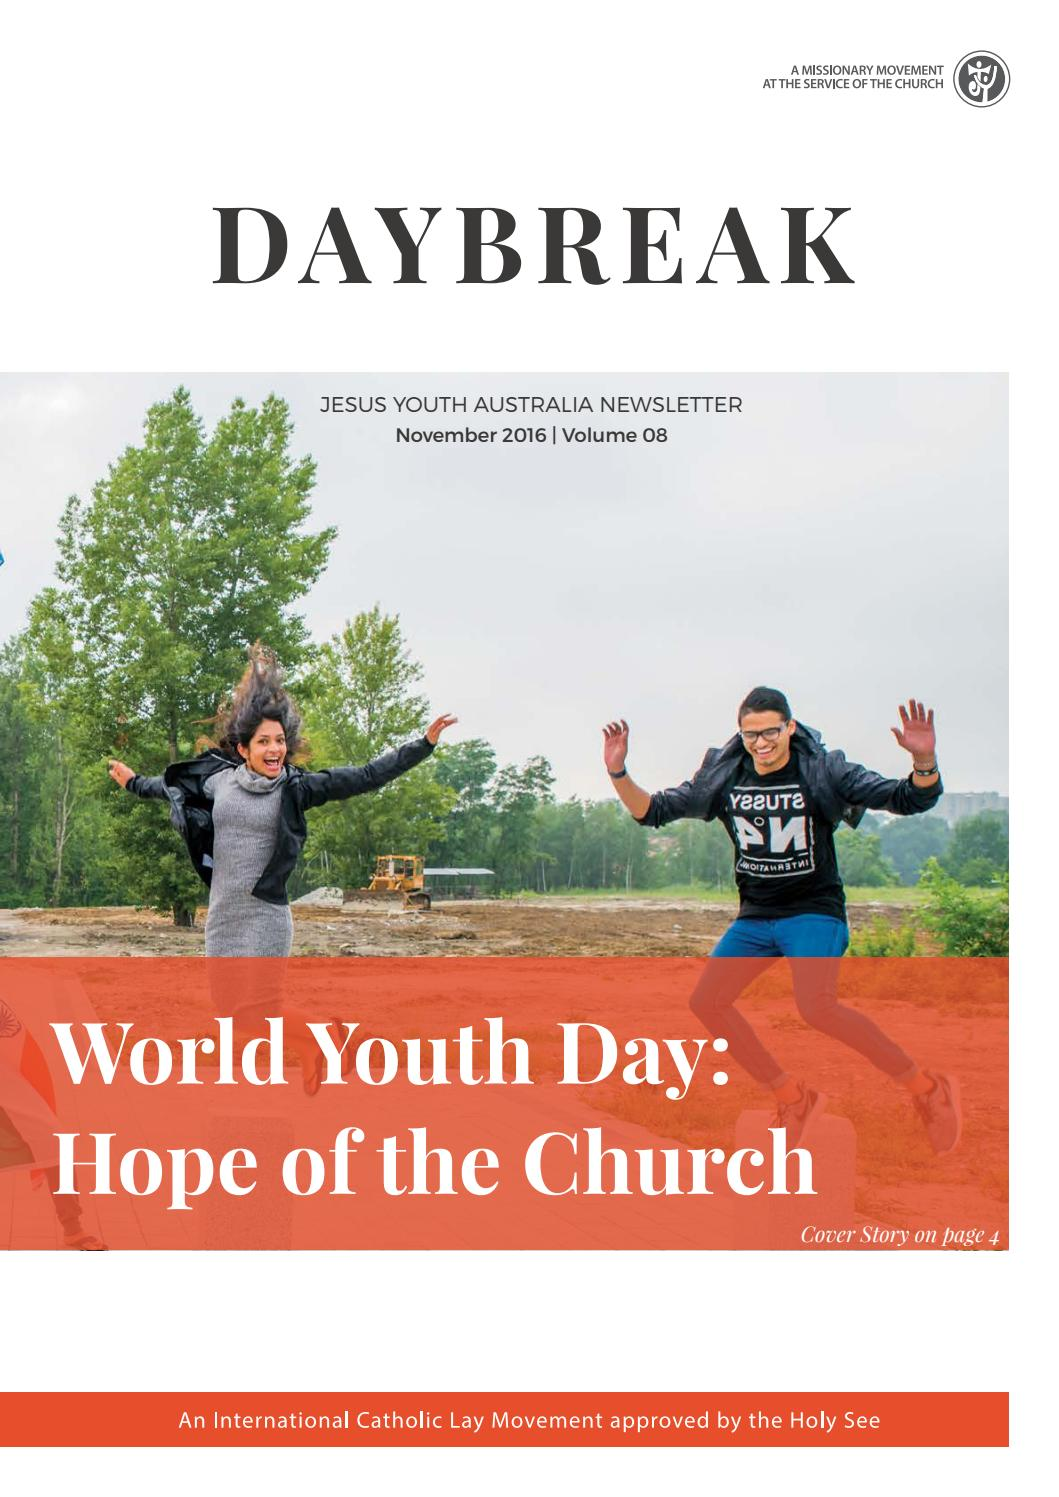 Daybreak Newsletter Nov 16   Vol 08 by Jesus Youth Australia